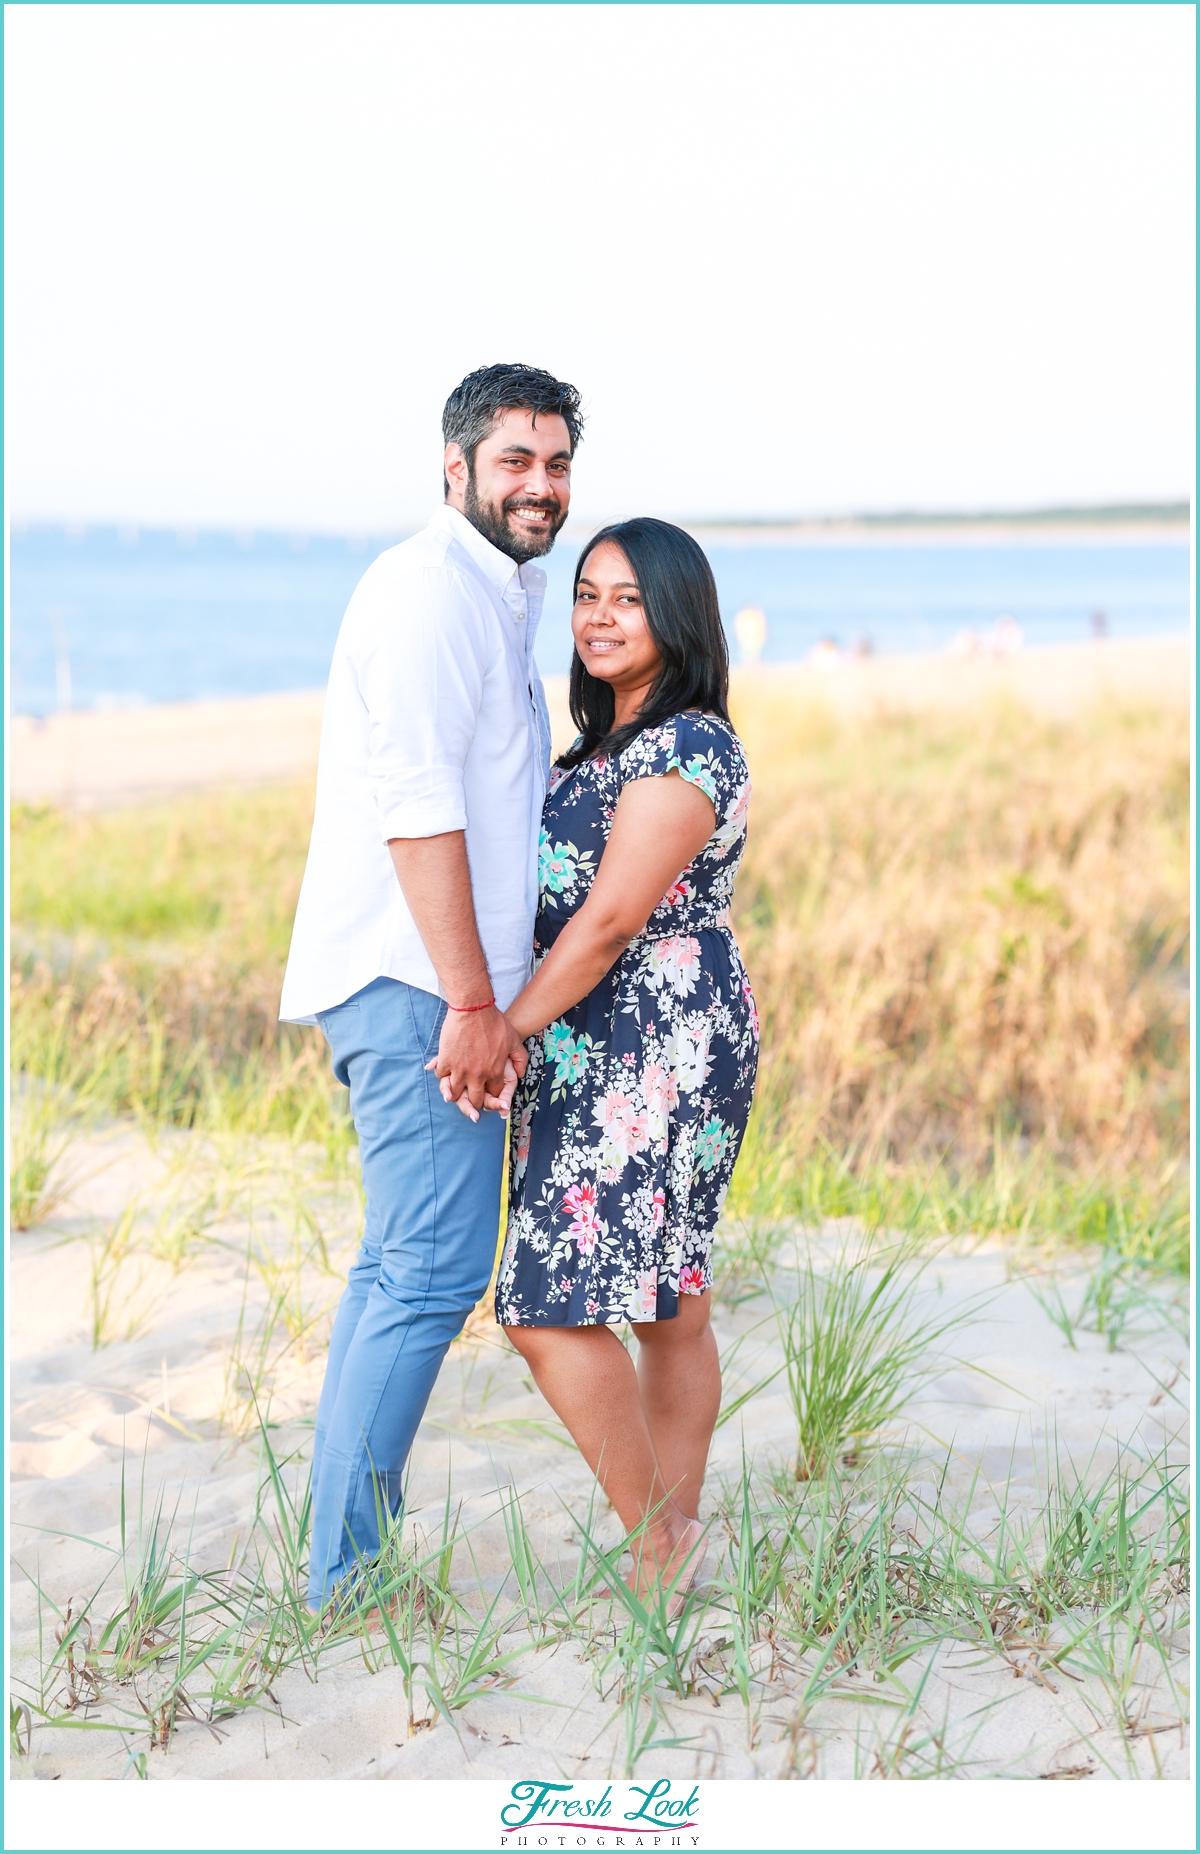 romantic couples photos on the beach